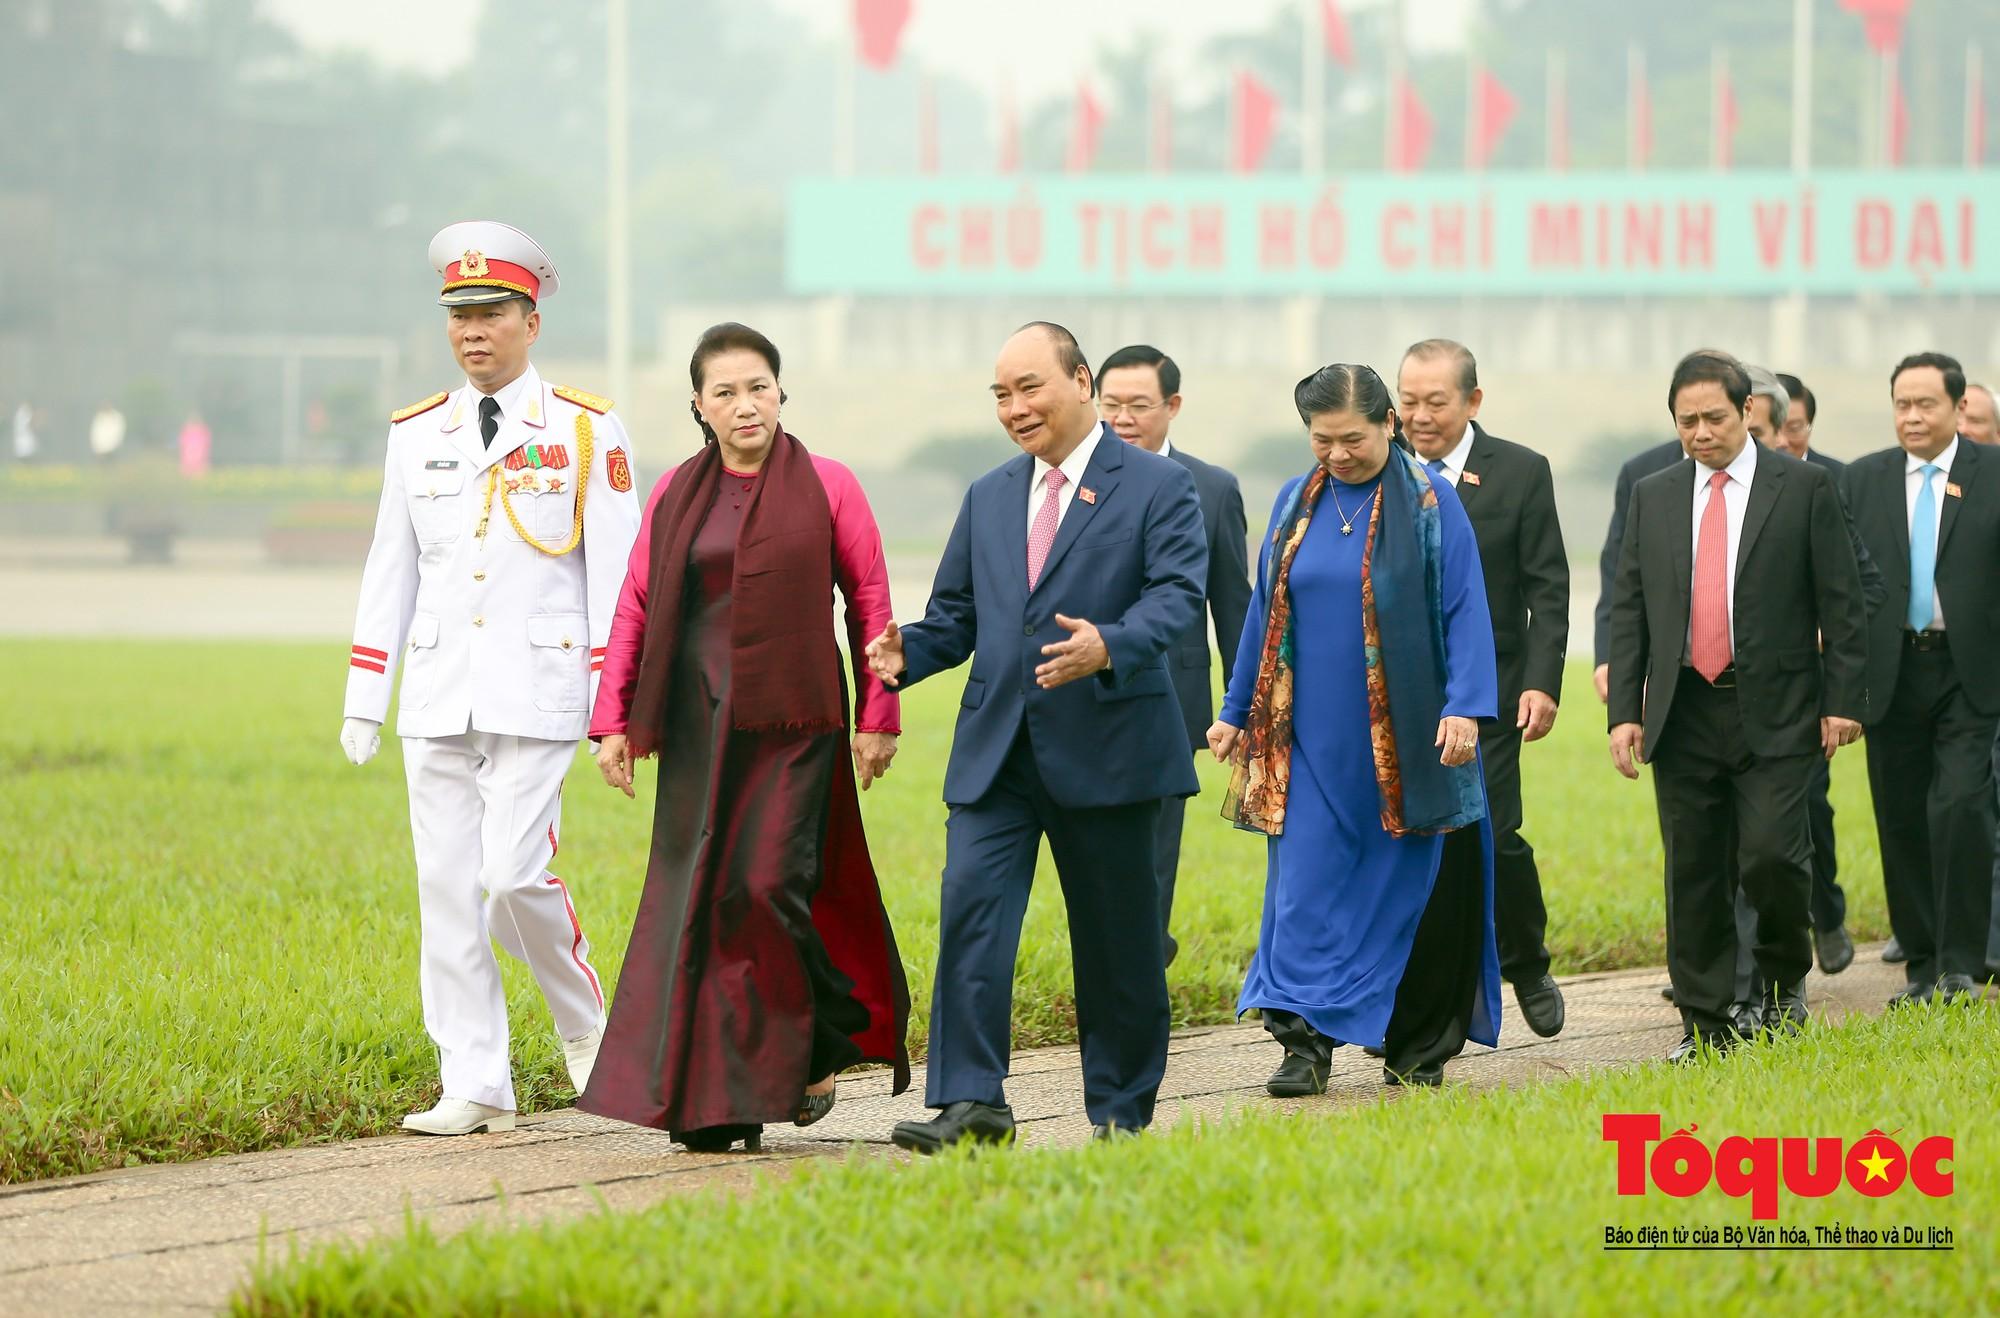 Đại biểu QH viếng Chủ tịch Hồ Chí Minh ngày khai mạc kỳ họp thứ 810